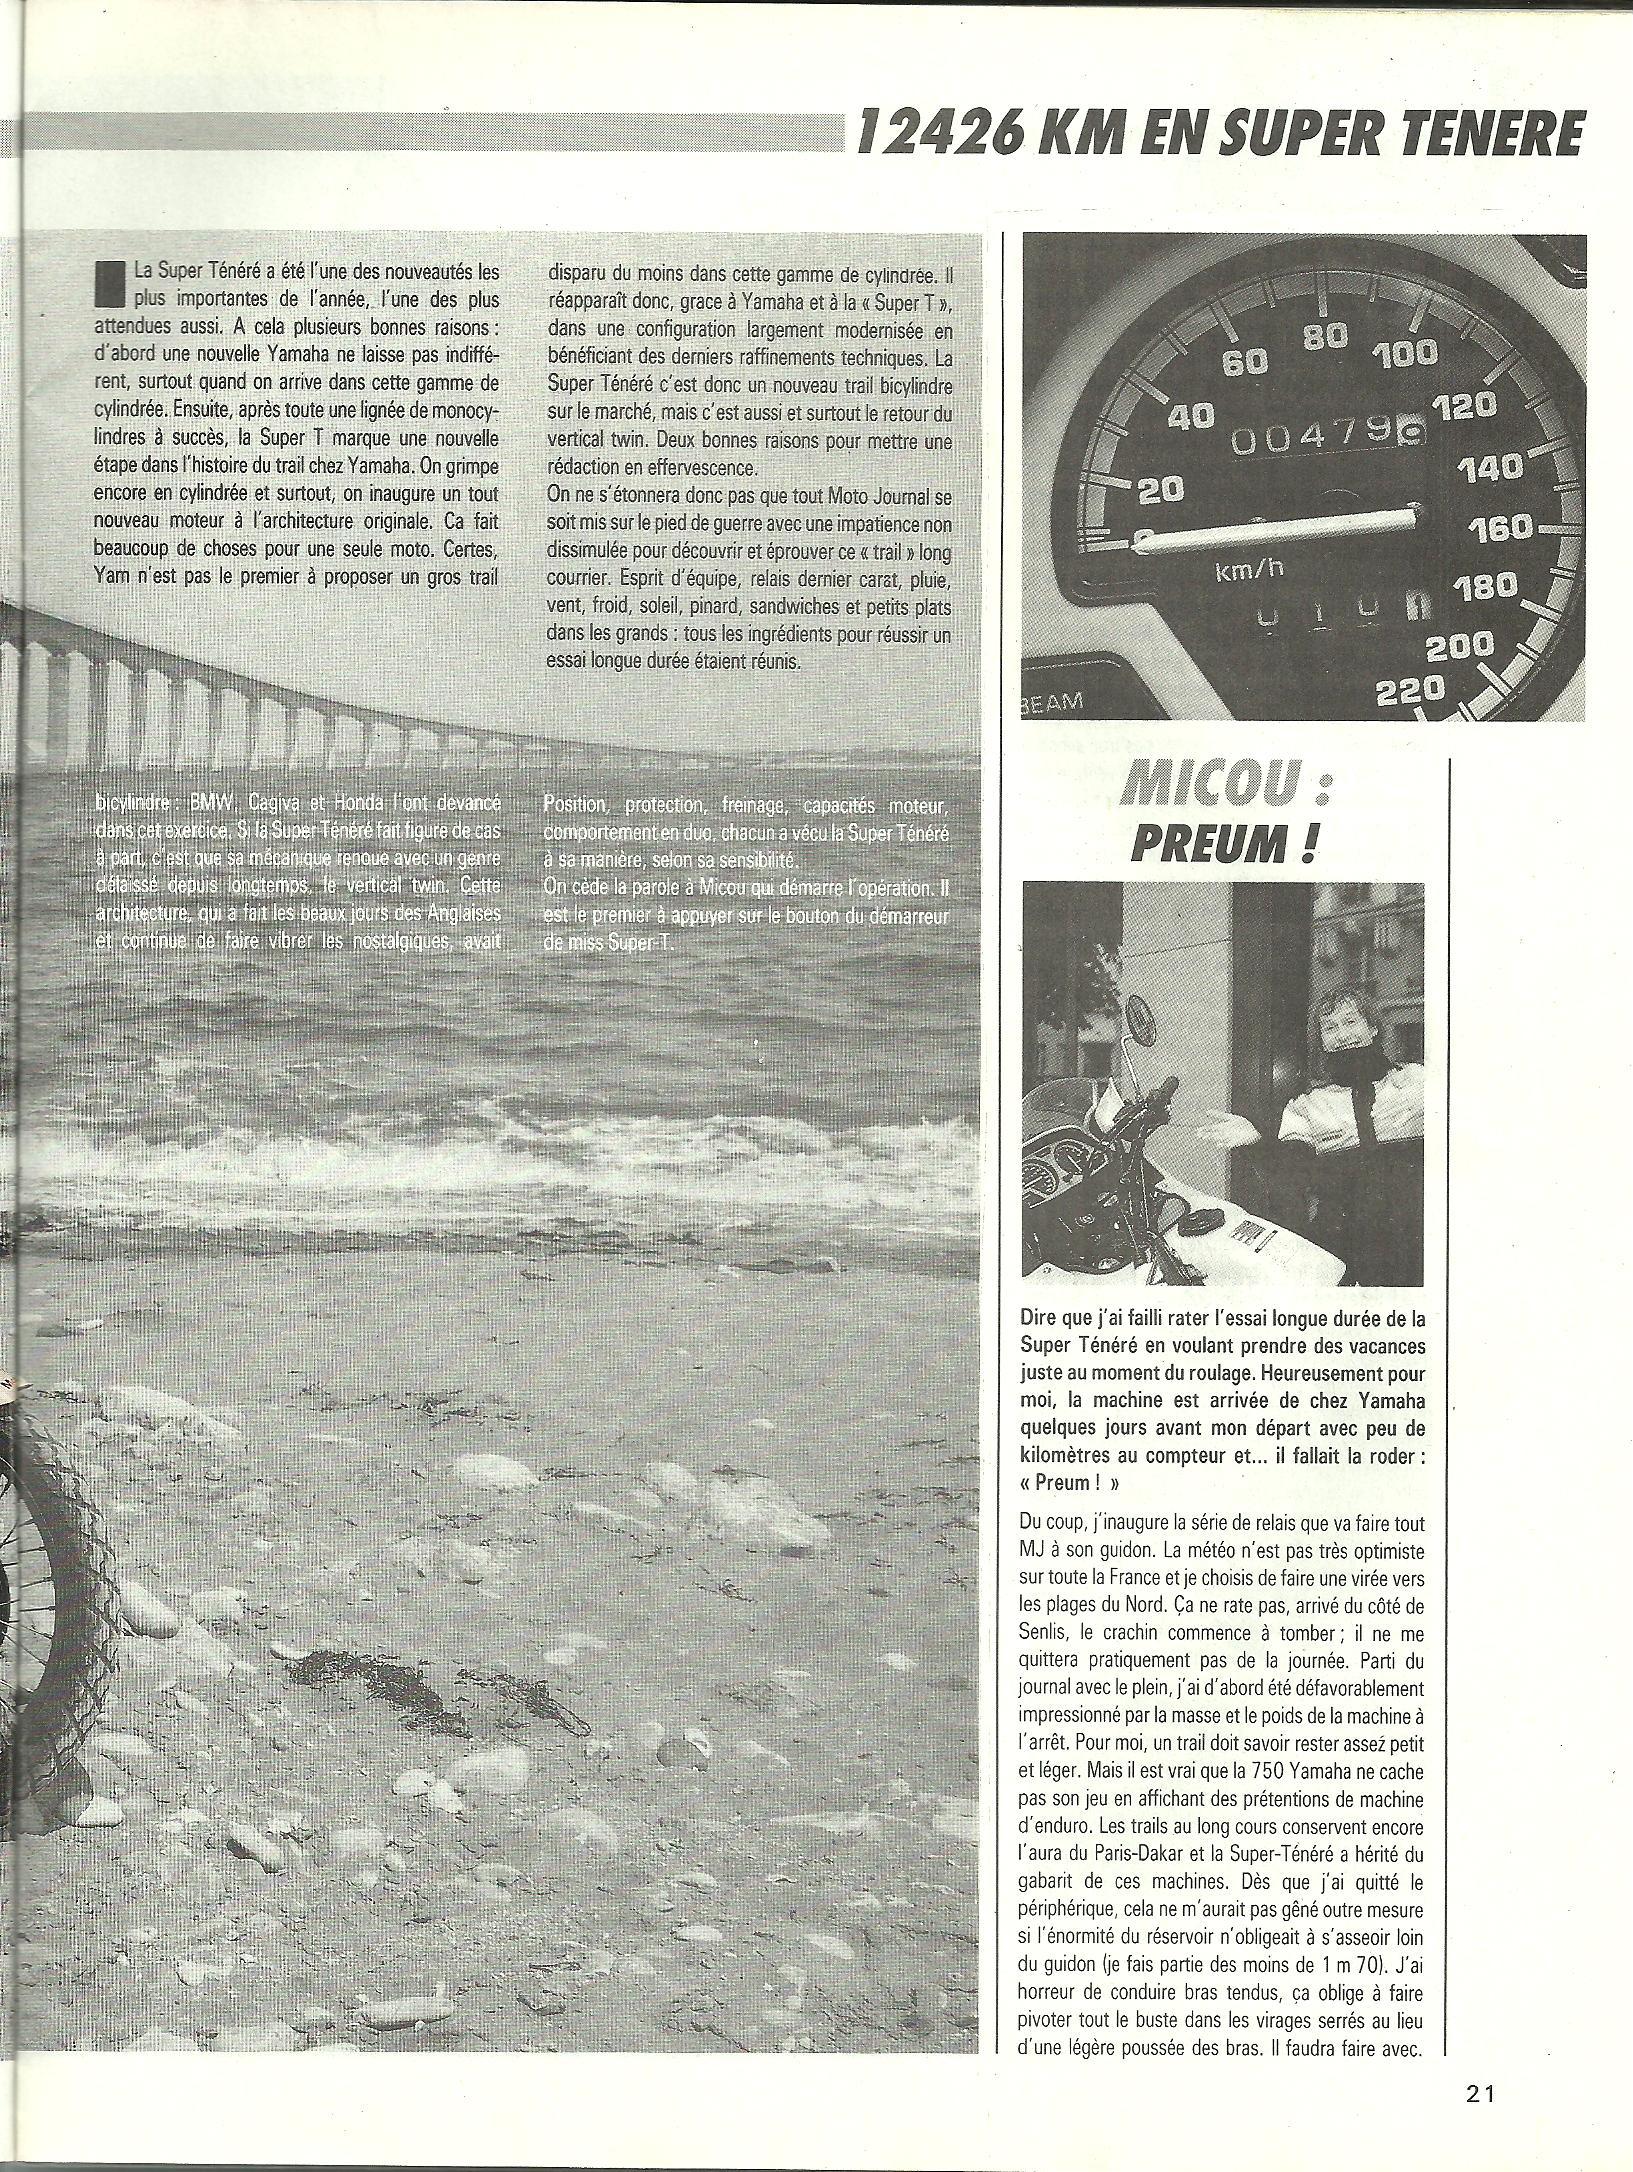 Essai longue durée 12'426km en Super ténéré 750 le 25 Mai 1989 196650p4001